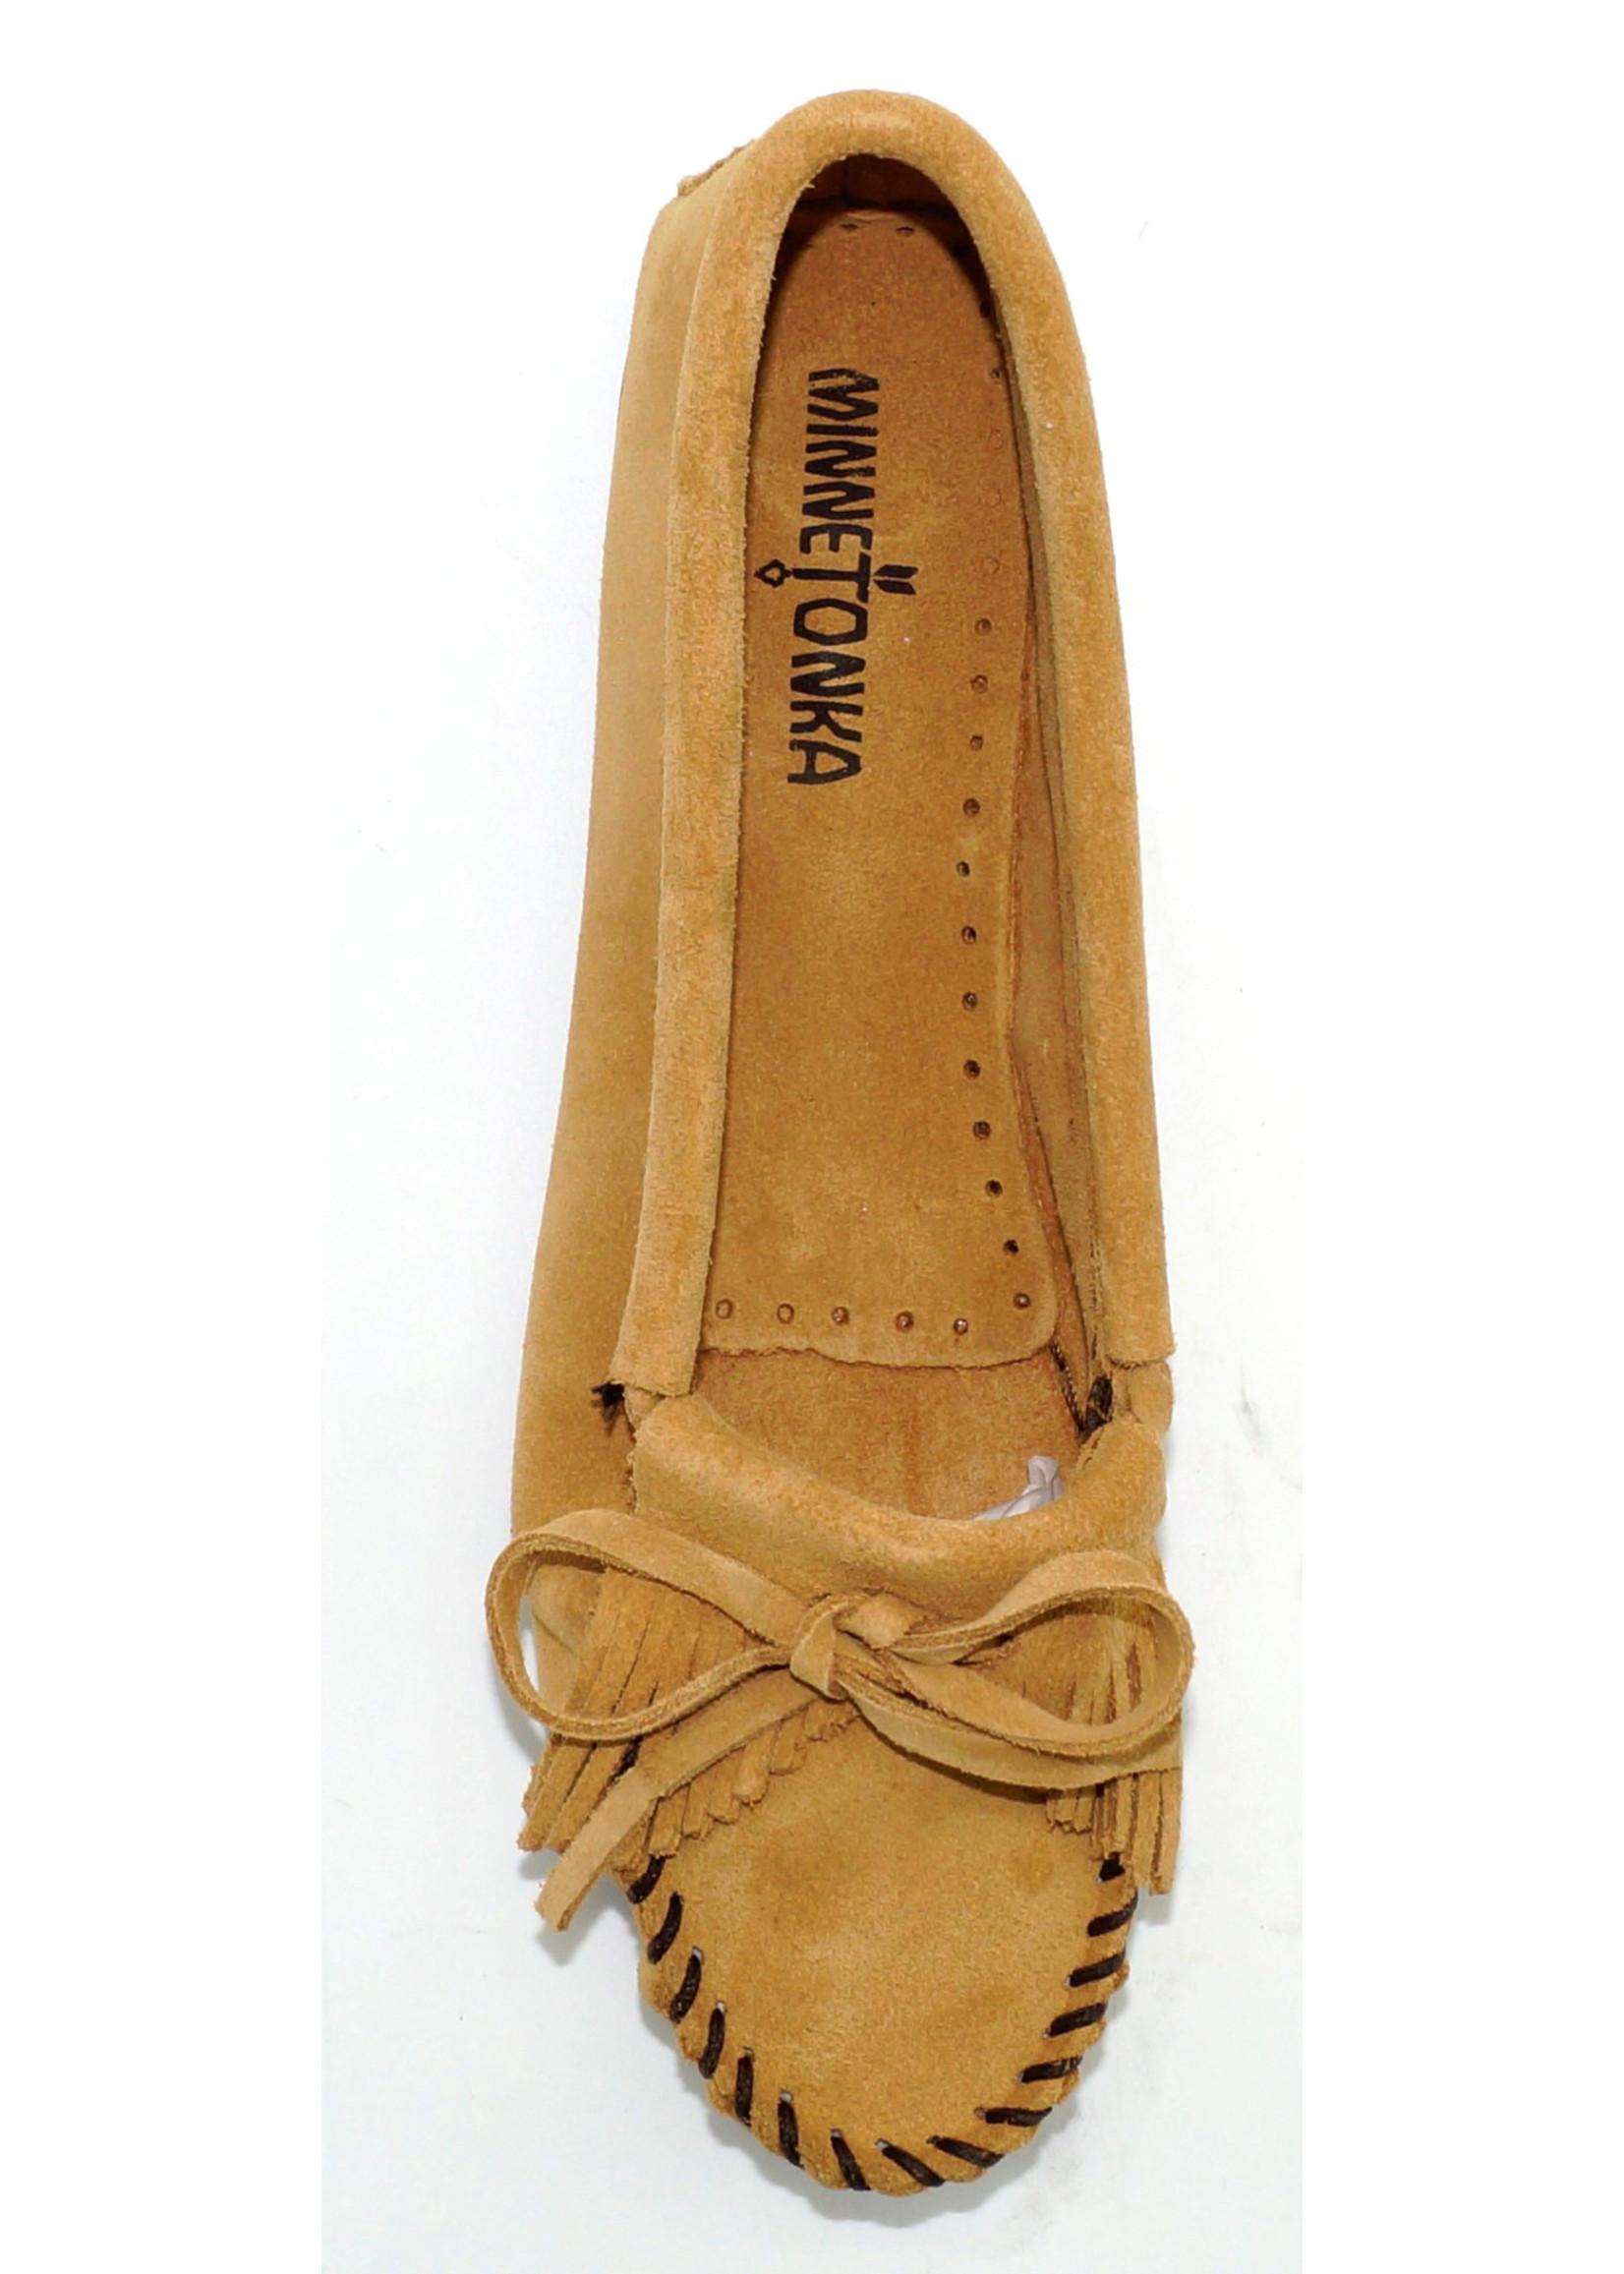 Minnetonka Women's Kilty Hardsole Taupe - 407T